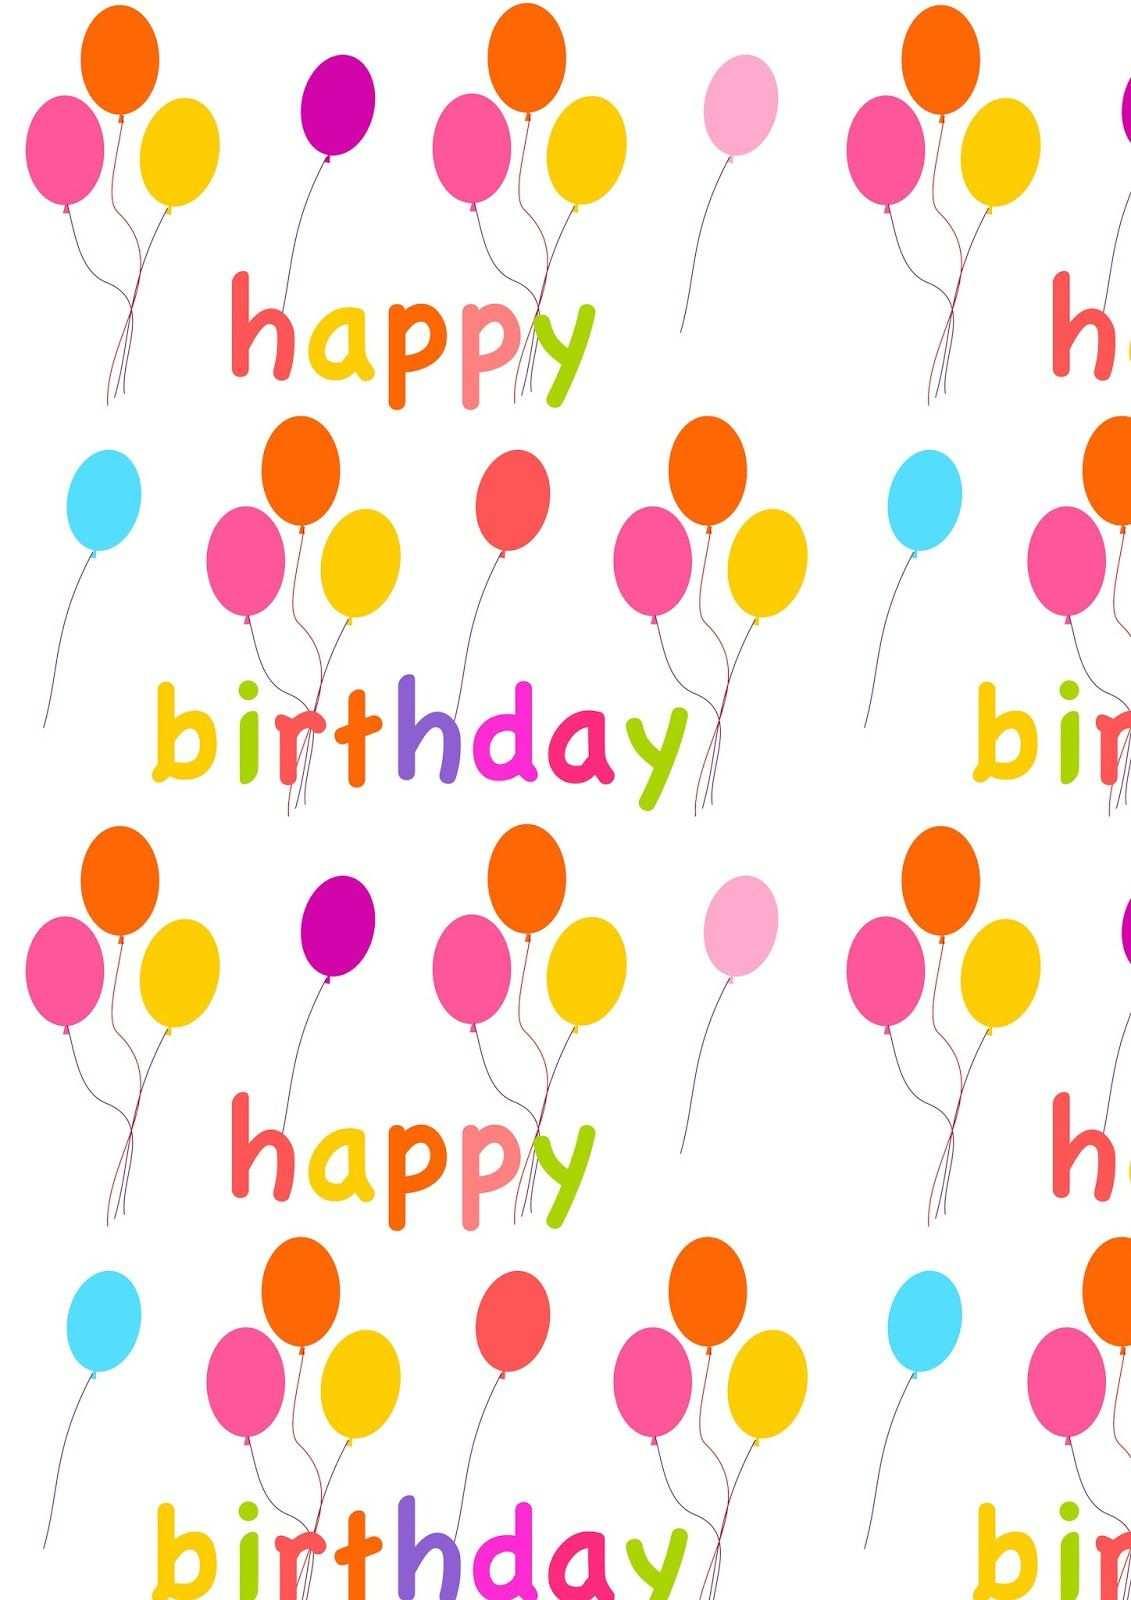 Free Digital Balloon Scrapbooking Paper Ausdruckbares Geschenkpapier Freebie Free Printable Planner Stickers Geburtstagskarte Vorlage Ideen Fur Geburtstagskarten